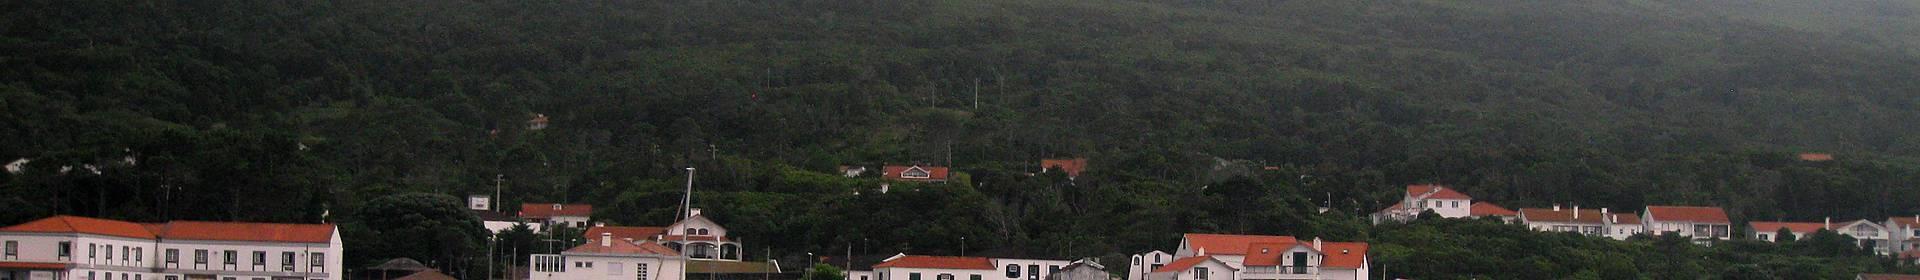 São Roque do Pico Municipality